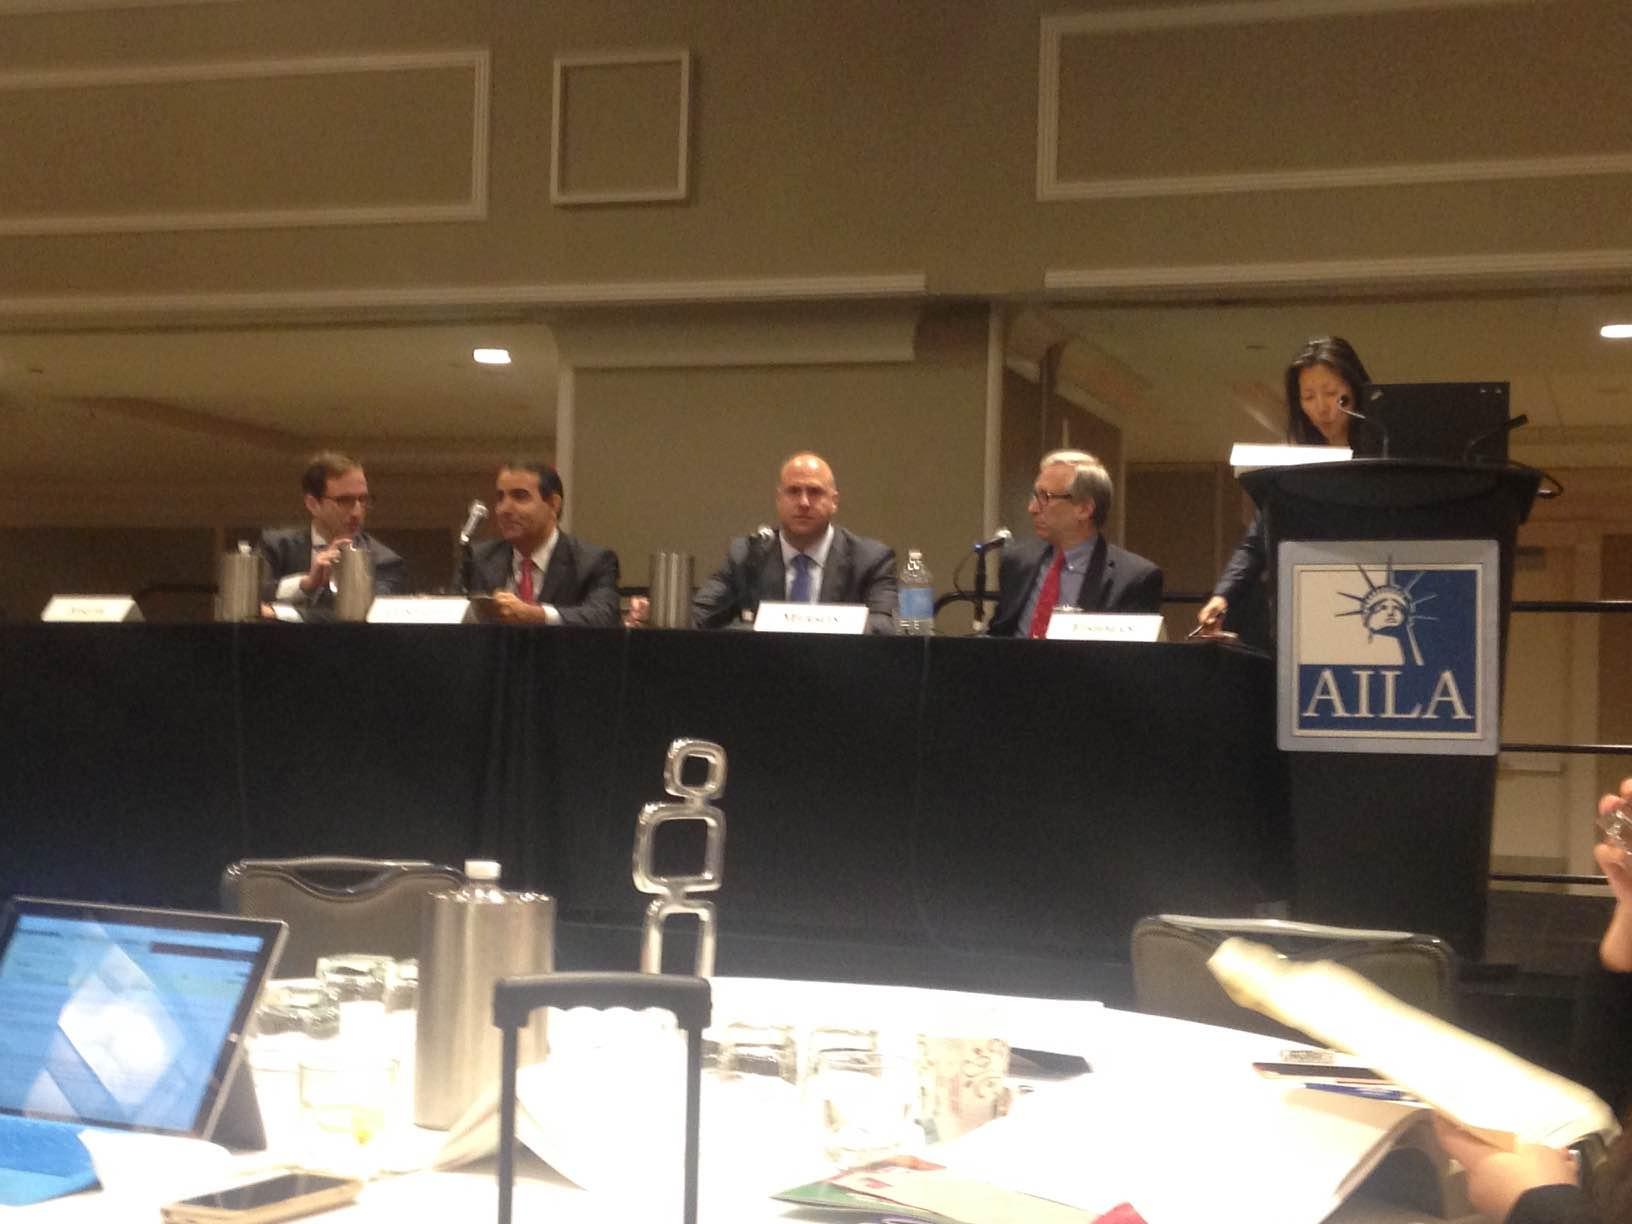 IIUSA Executive Director, Peter D. Joseph, presents at 2016 AILA EB-5 Investors Summit